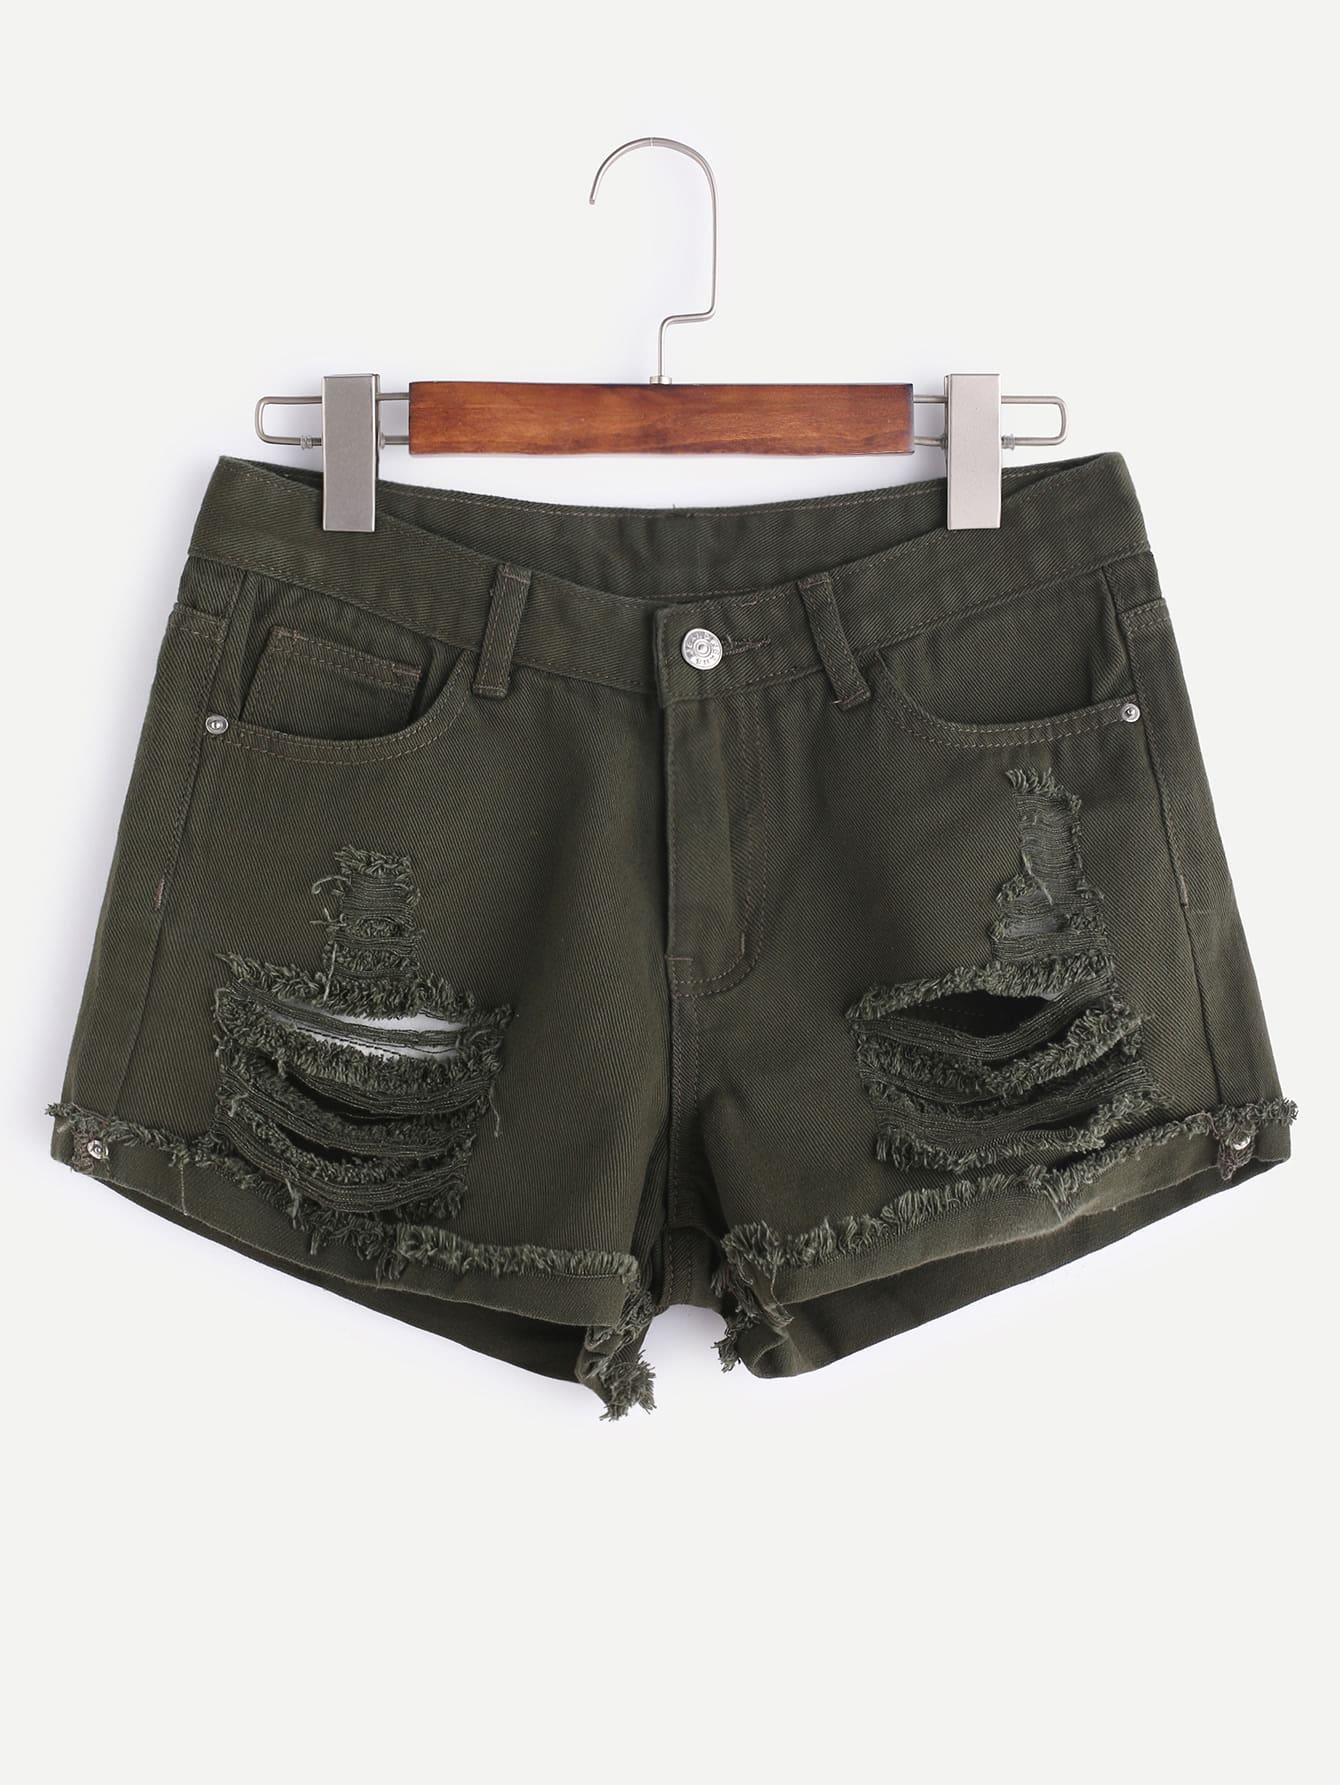 Distressed Frayed Cuffed Denim Shorts shorts170221450